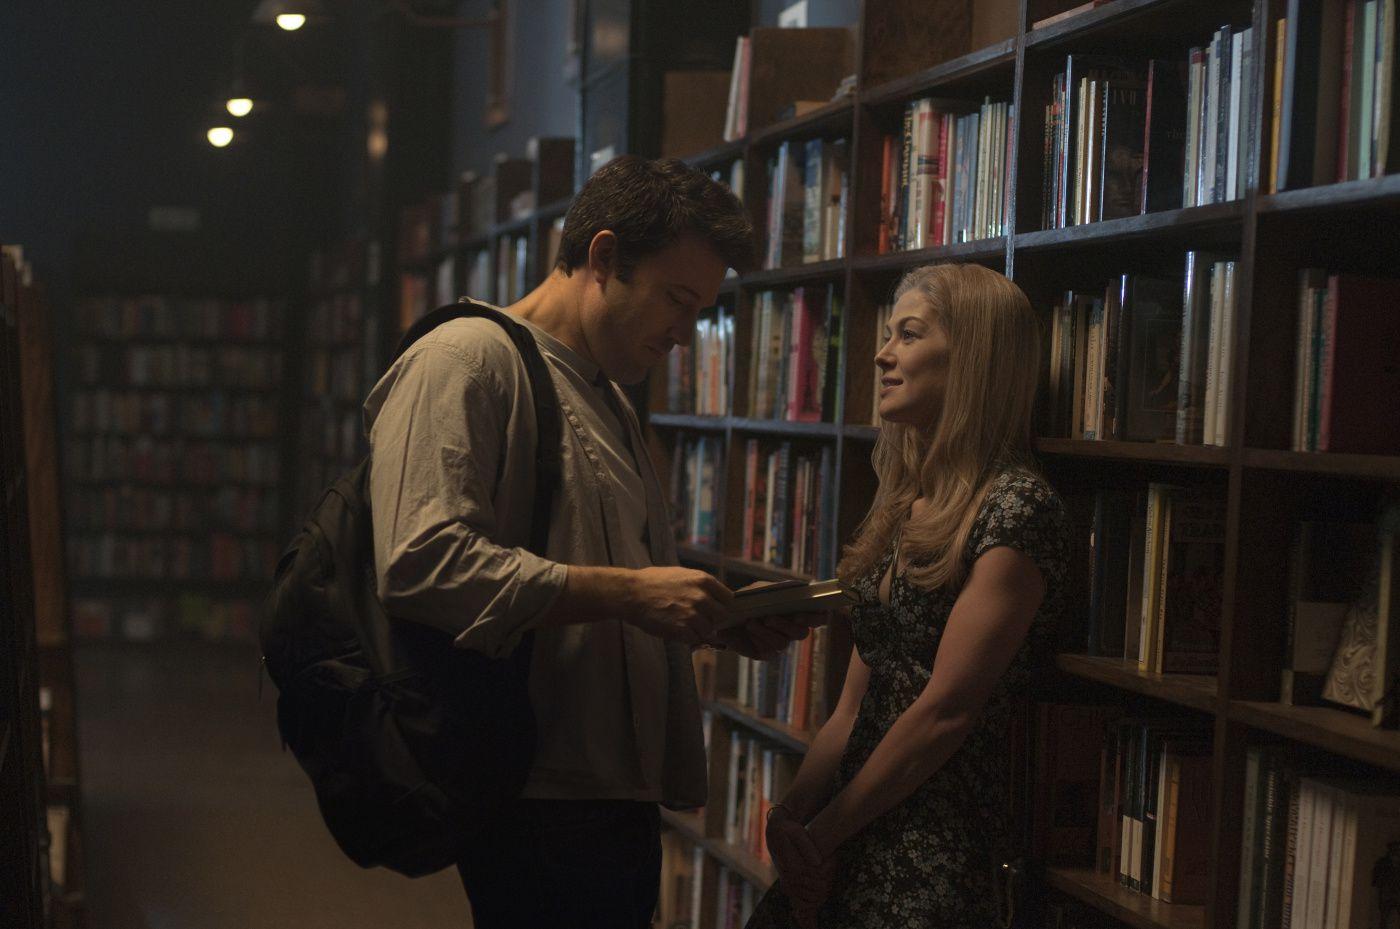 [critique] Gone Girl : Fincher joue et gagne